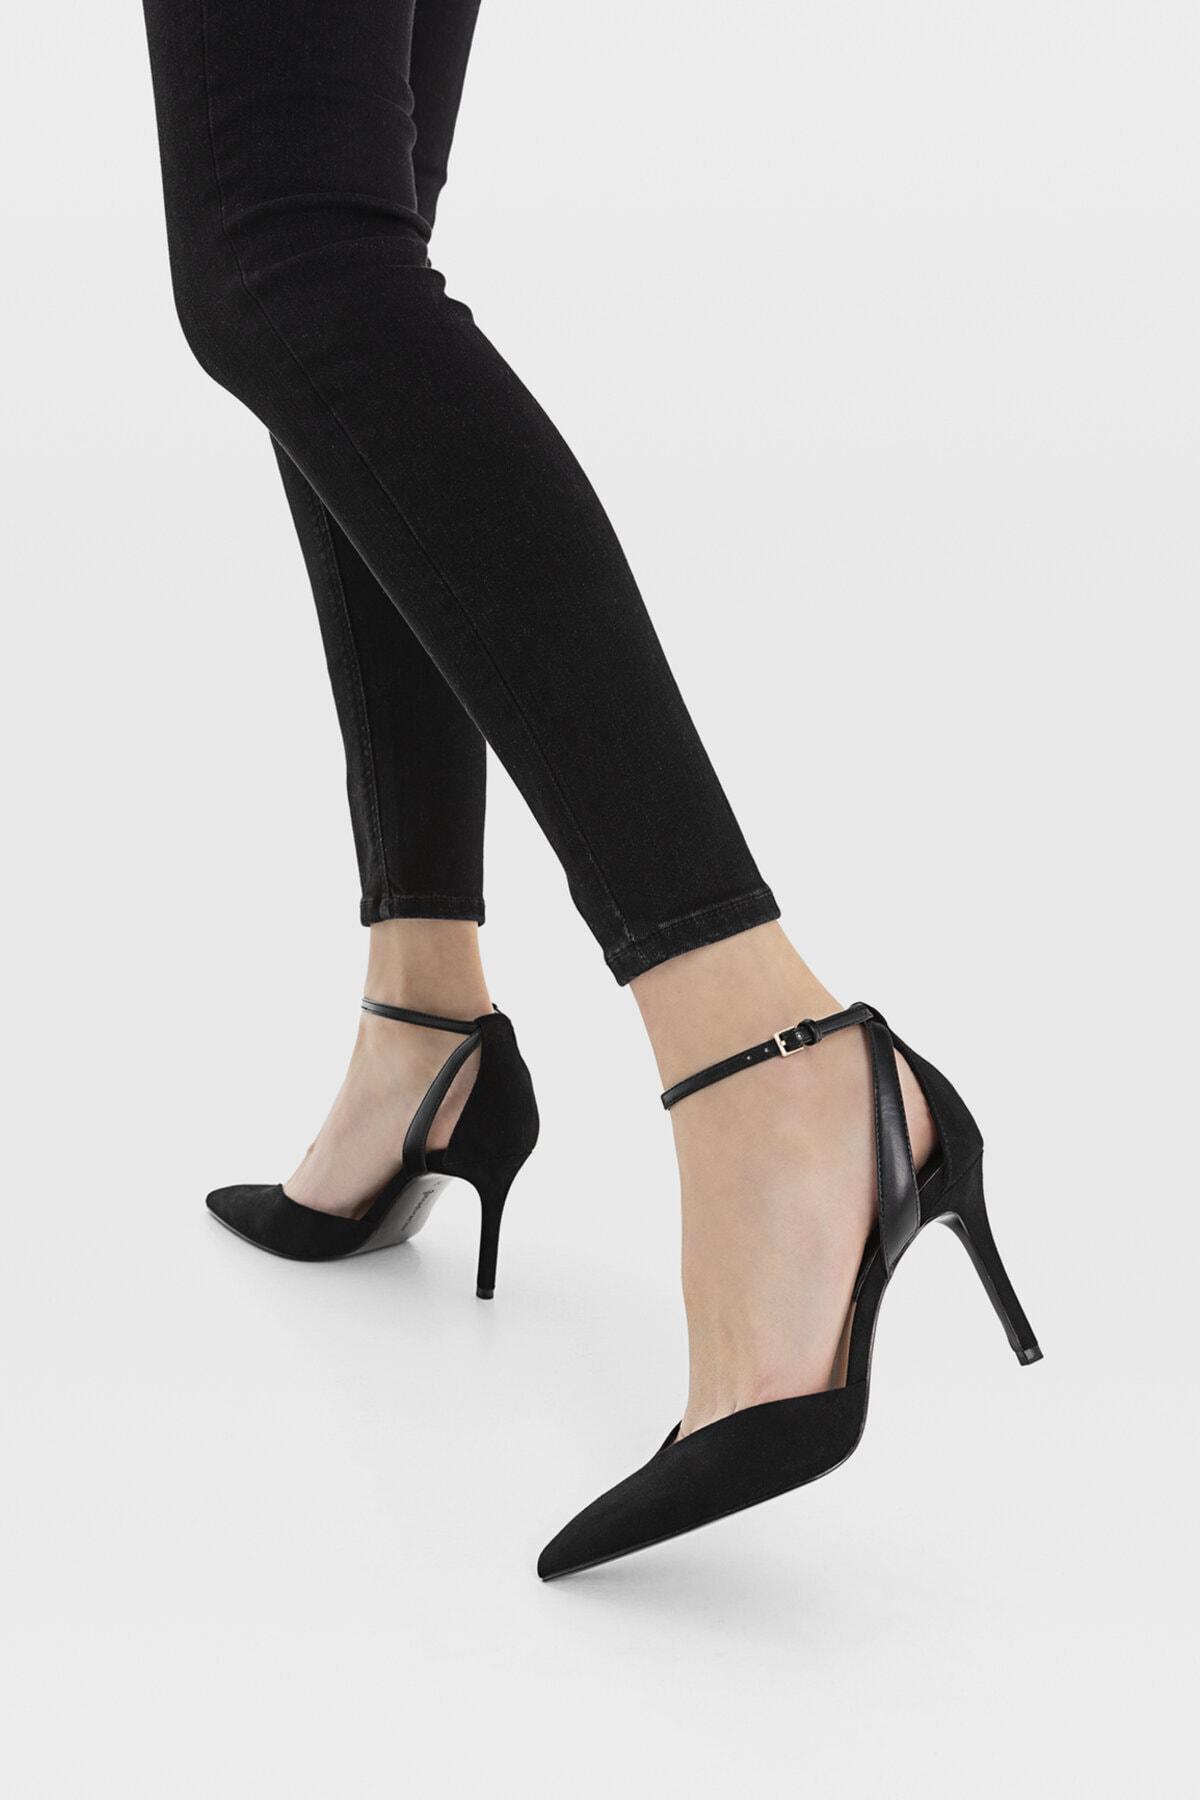 Stradivarius Kadın Siyah Bilekten Bantlı Yüksek Topuklu Ayakkabı 19153770 4